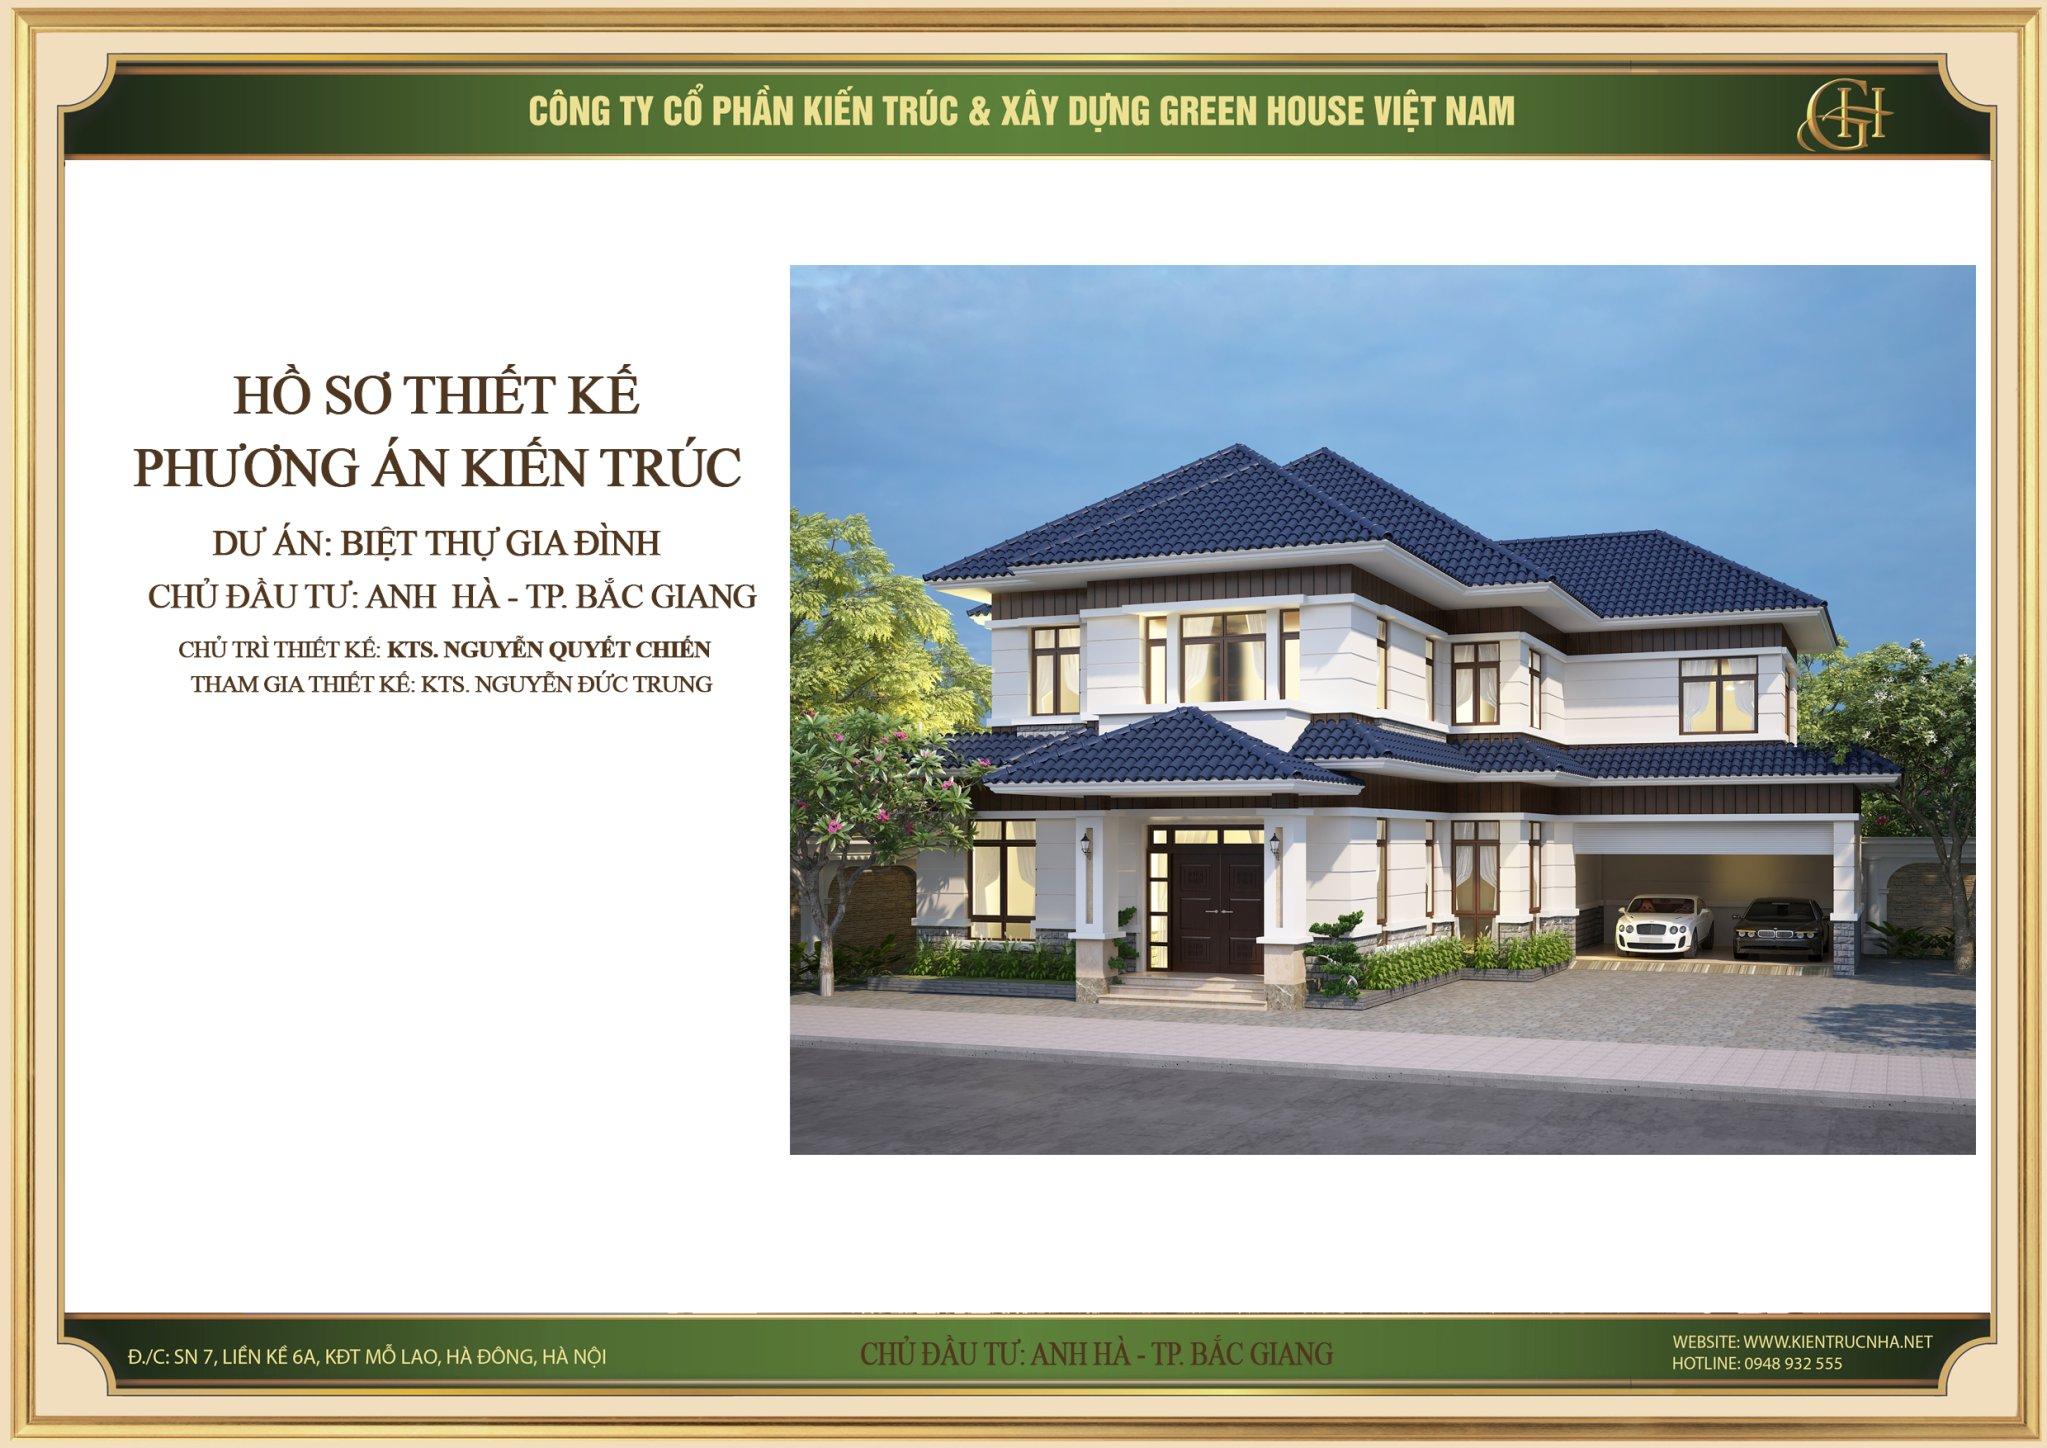 Thiết kế biệt thự tân cổ điển 2 tầng đơn giản tại Bắc Giang - CĐT Anh Hà